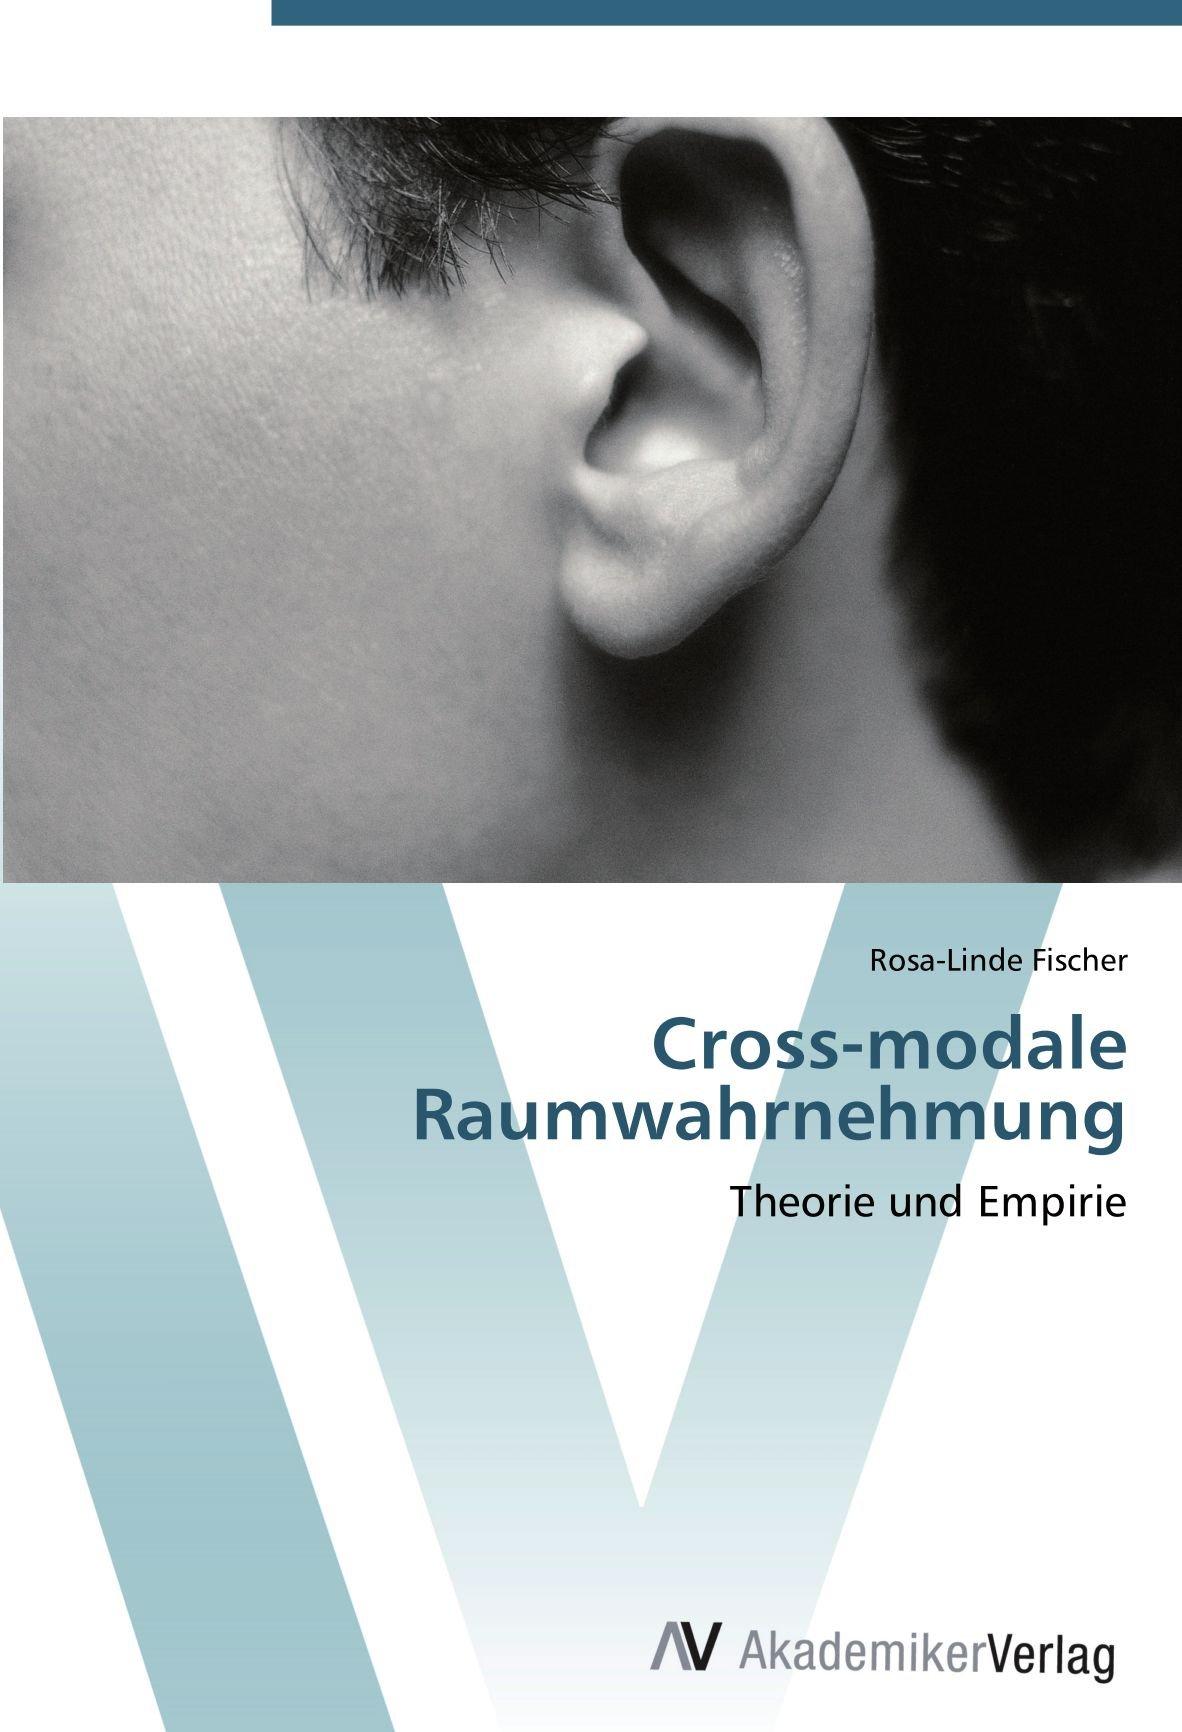 Download Cross-modale Raumwahrnehmung: Theorie und Empirie (German Edition) ebook